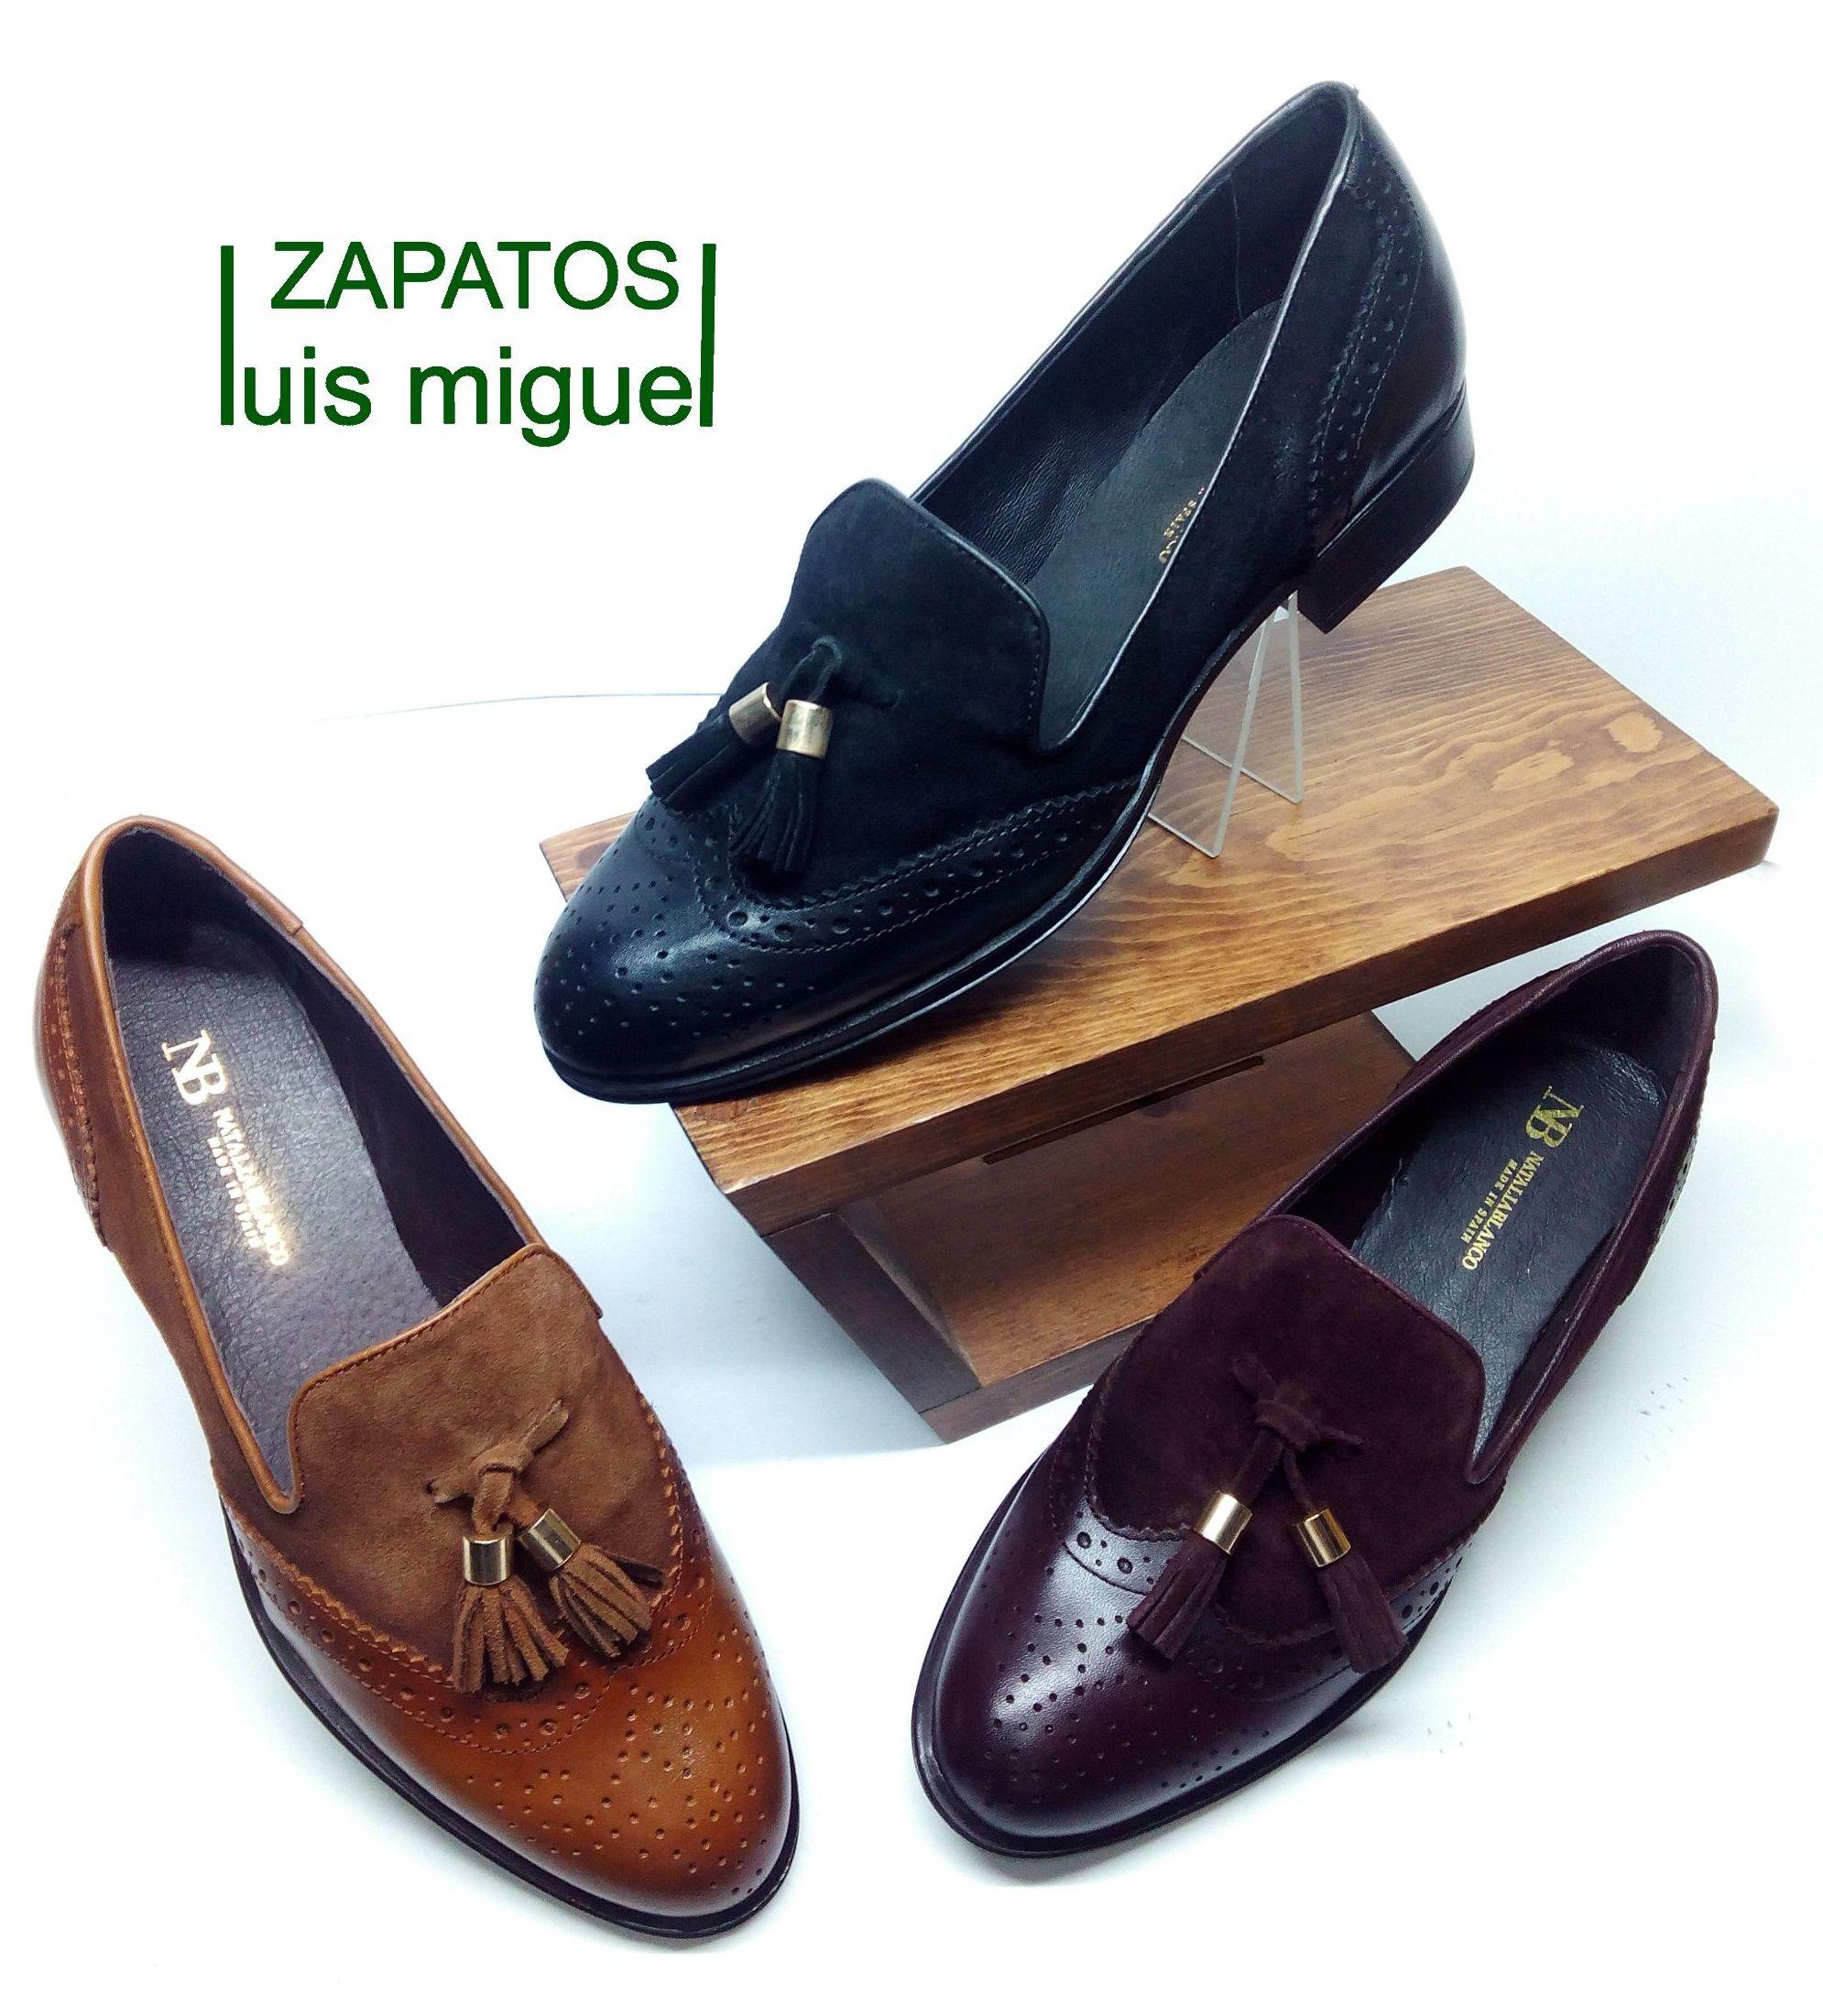 tipo mocasin con borlas y pala vega: Catalogo de productos de Zapatos Luis Miguel